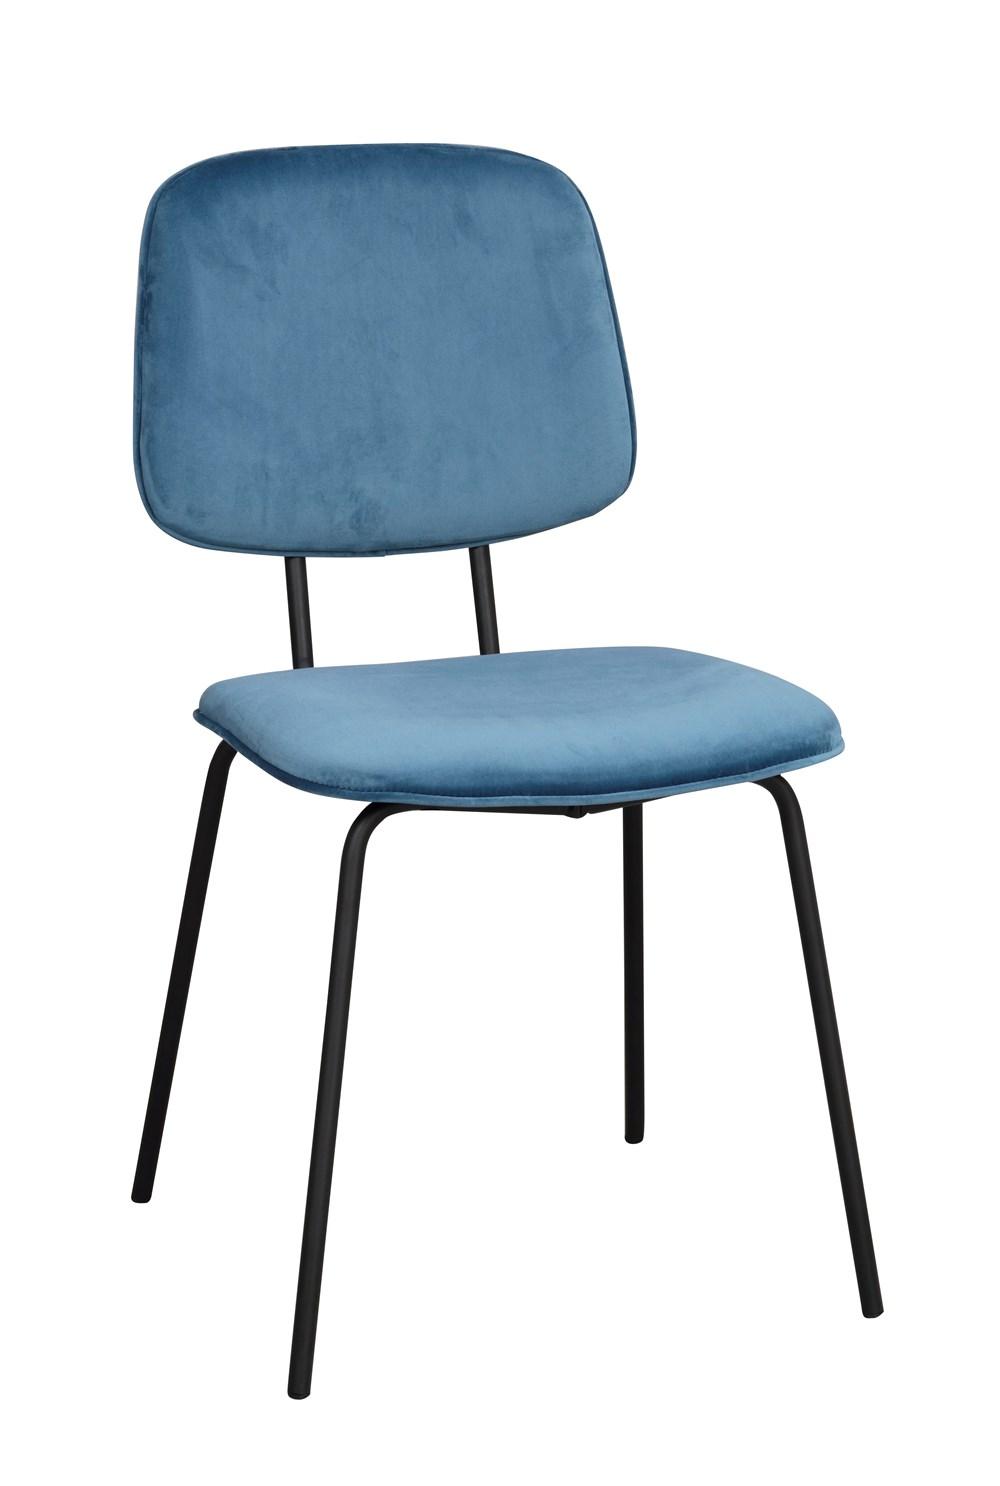 Baldwin tuoli sininen/musta, Rowico